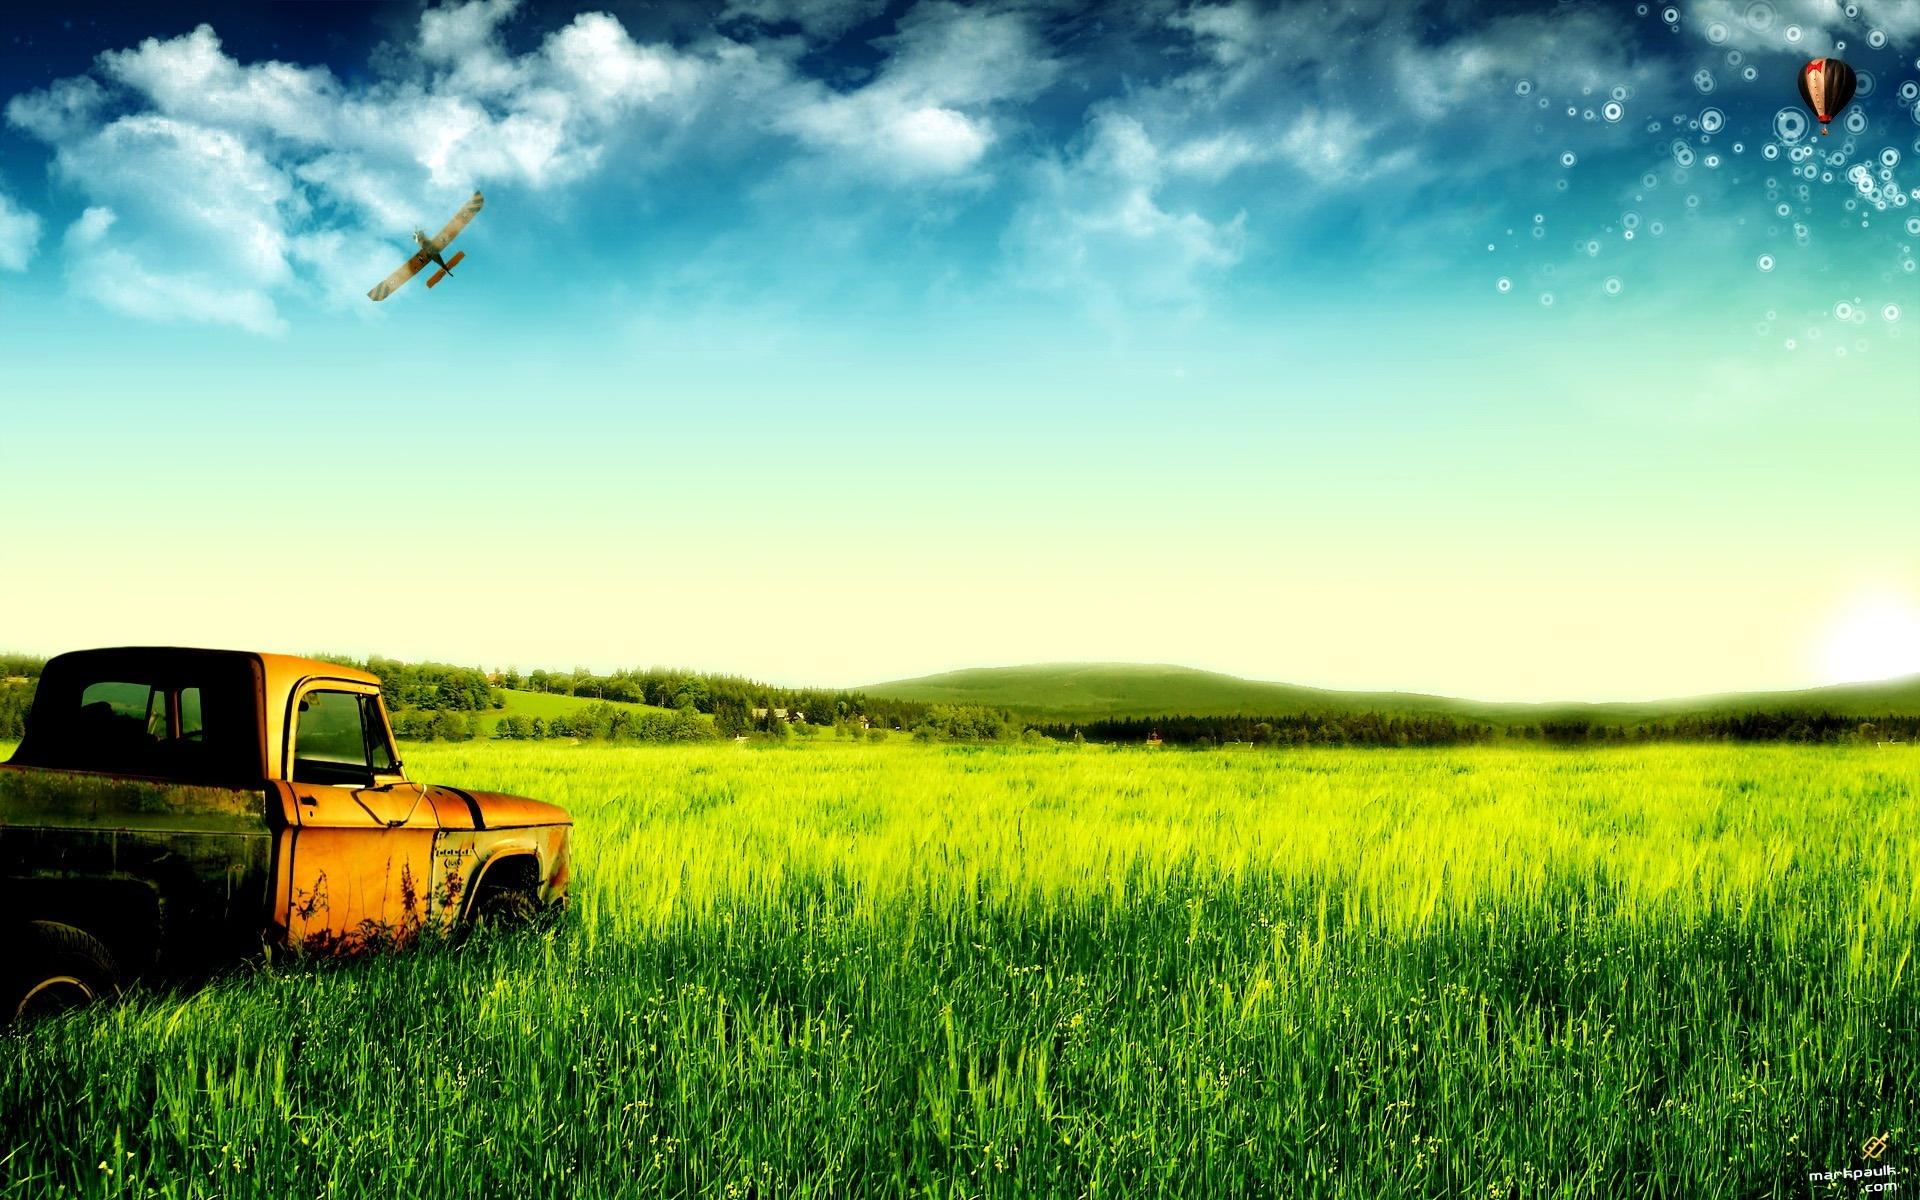 ... de verdes pastos y camiones viejos Fondos de pantalla - 1920x1200